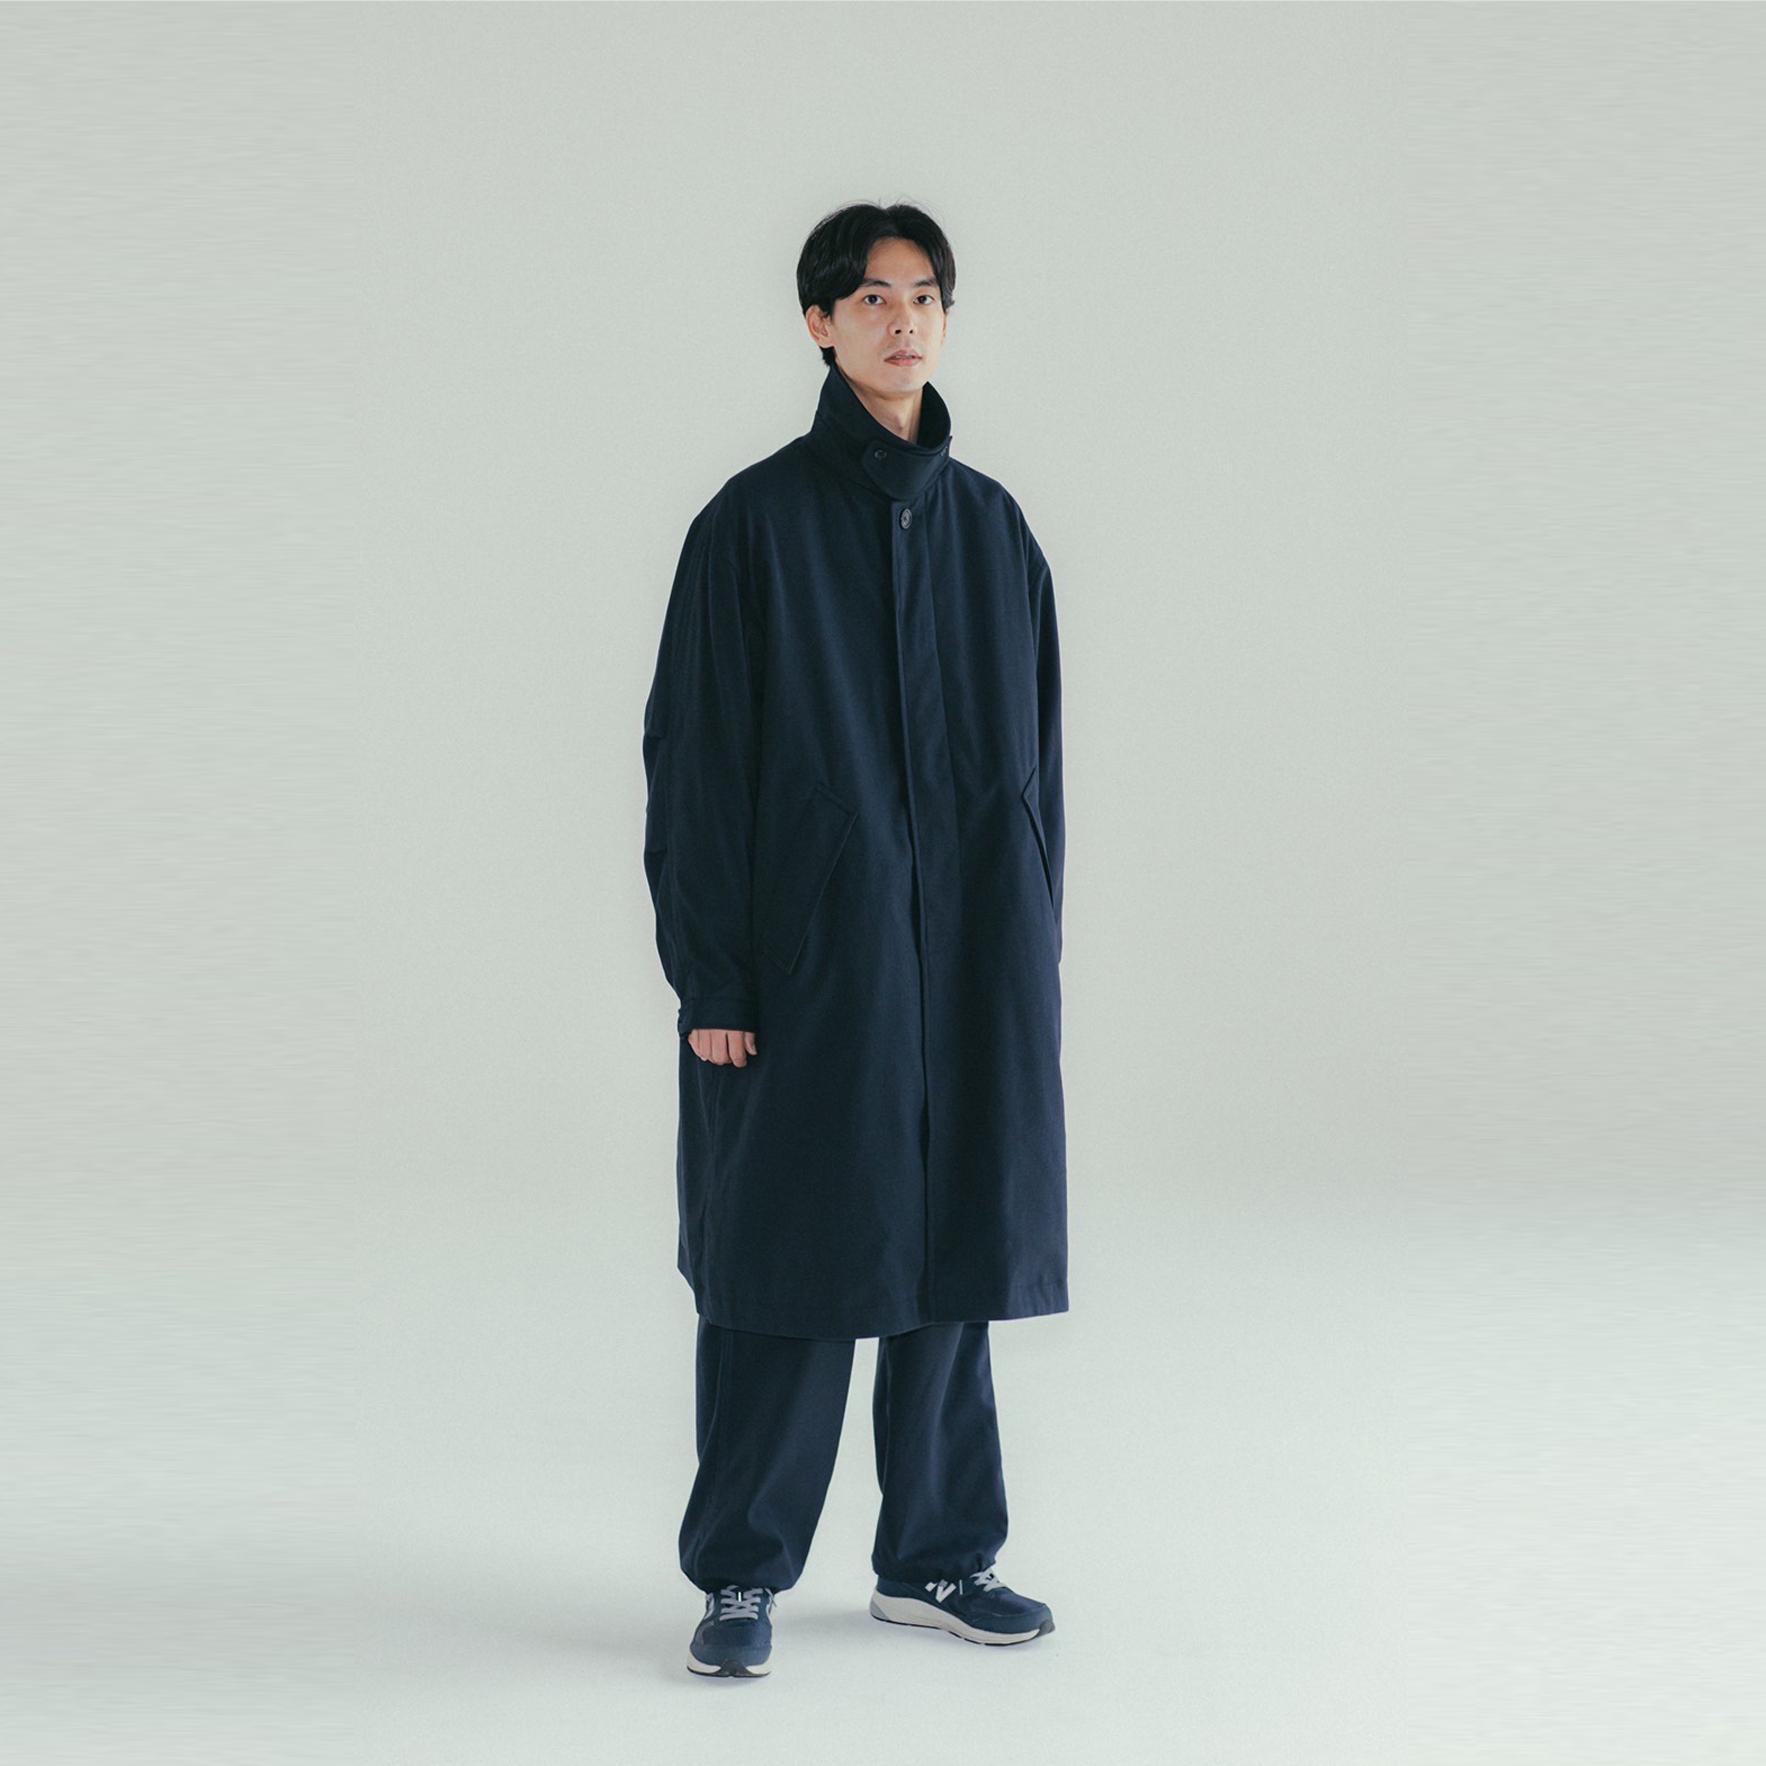 DAIWA PIER39 for 1LDKのコートを10月20日(水)19:00より販売。